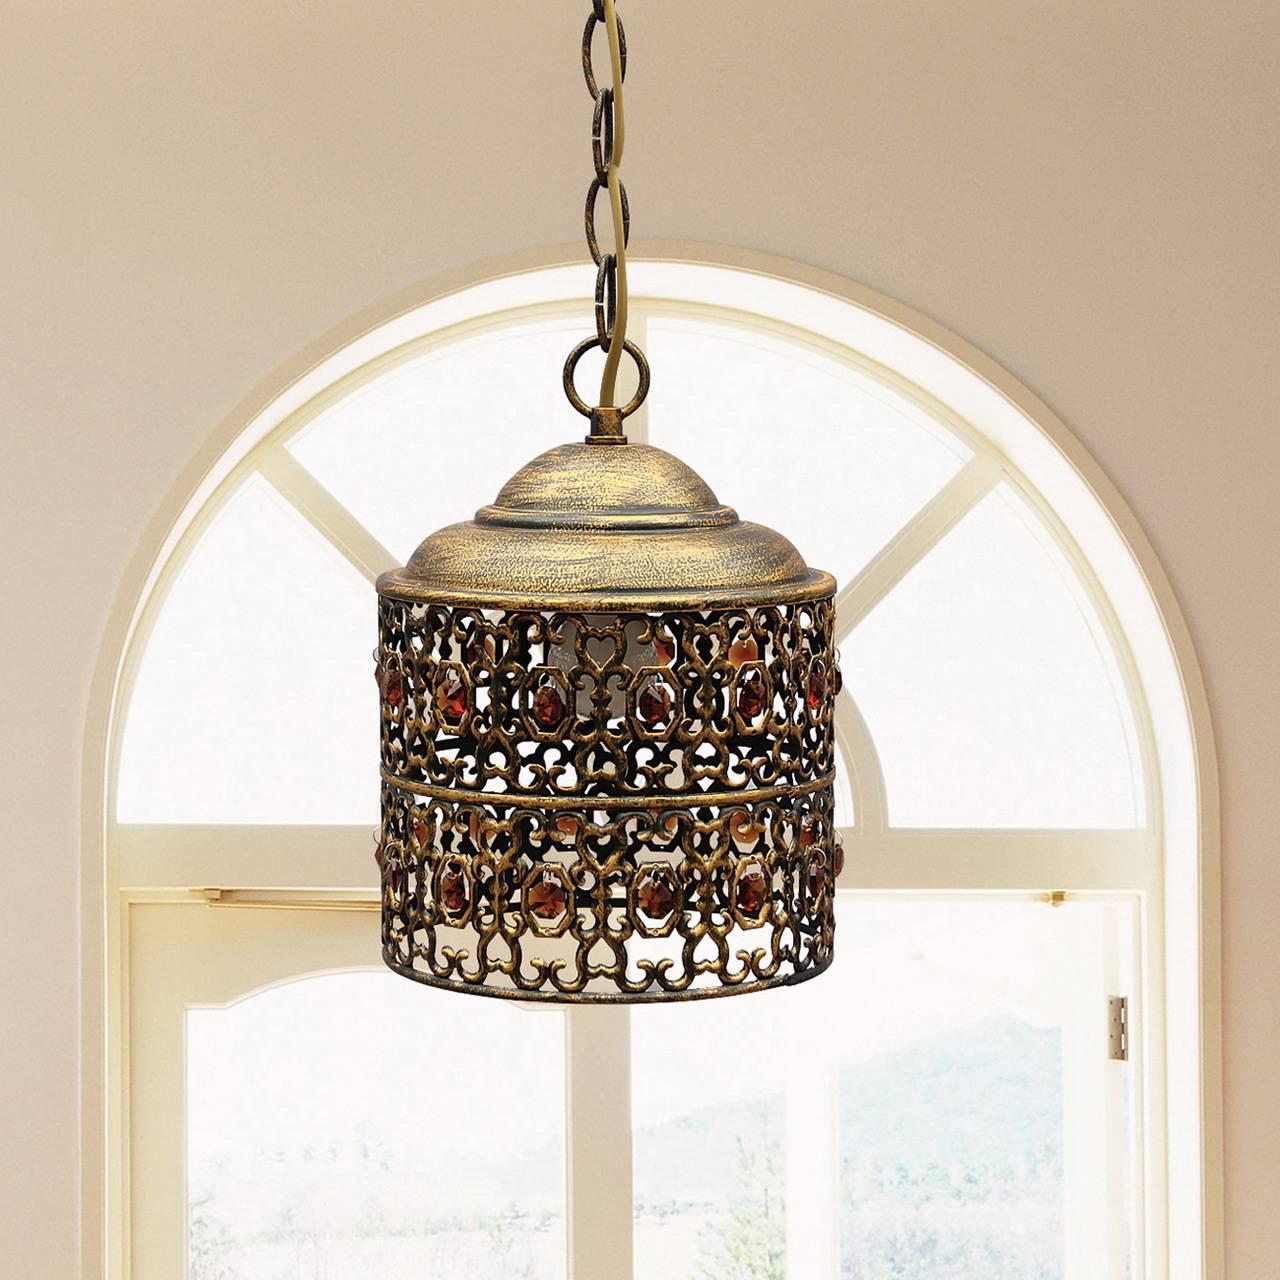 Подвесной светильник Favourite Marocco 2312-1P светильник подвесной favourite marocco 2312 1p